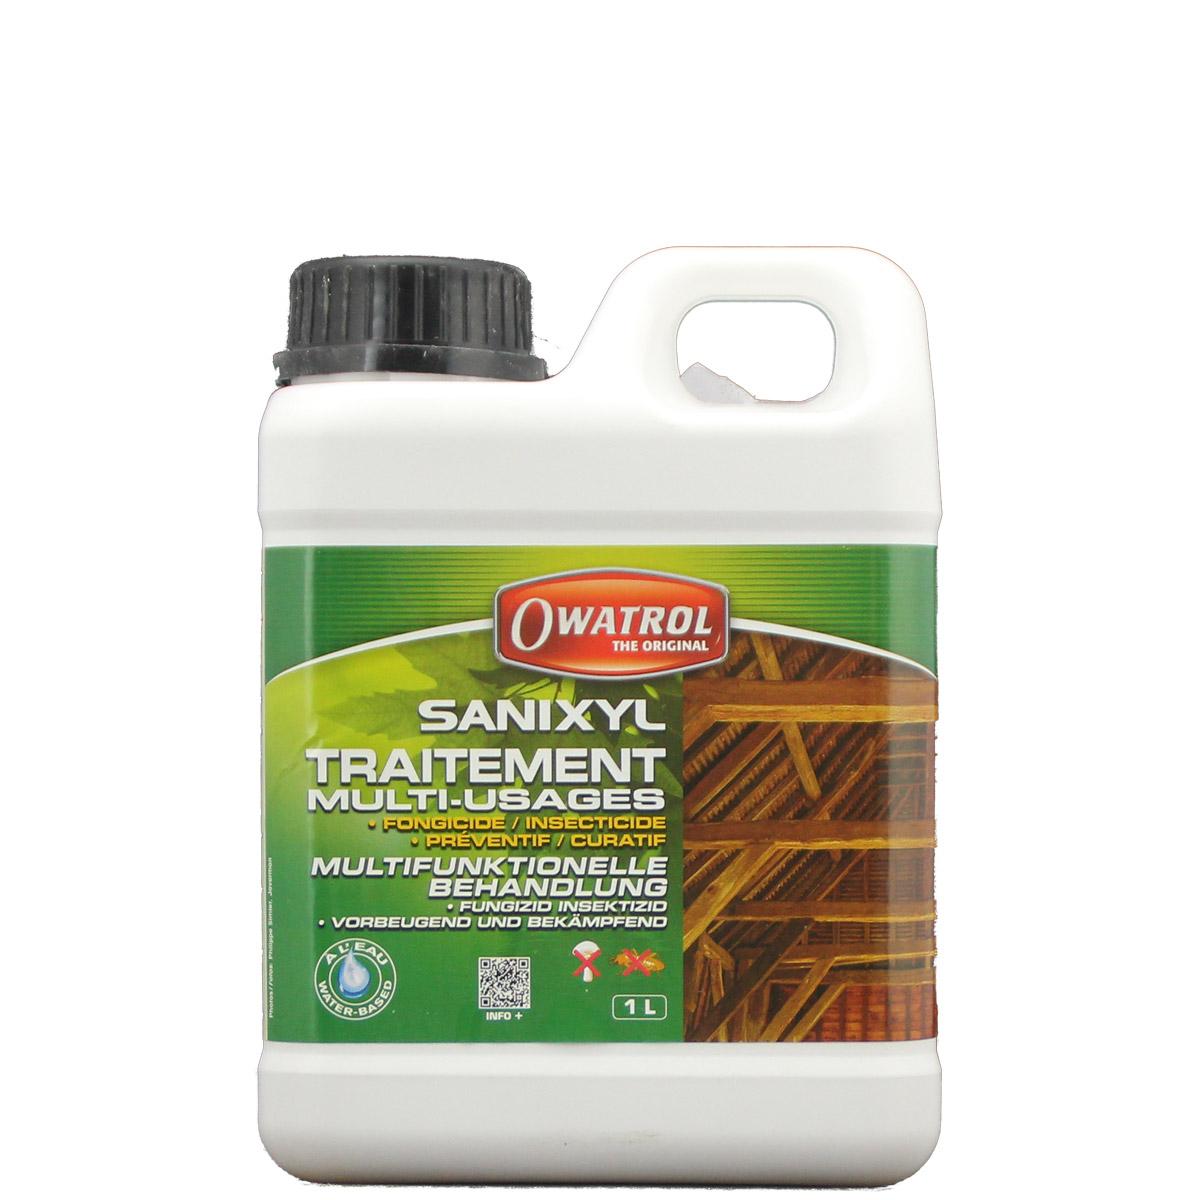 Owatrol Sanixyl 1L, Fungizid, Insektizid, Holzwurmtod, Bläueschutz